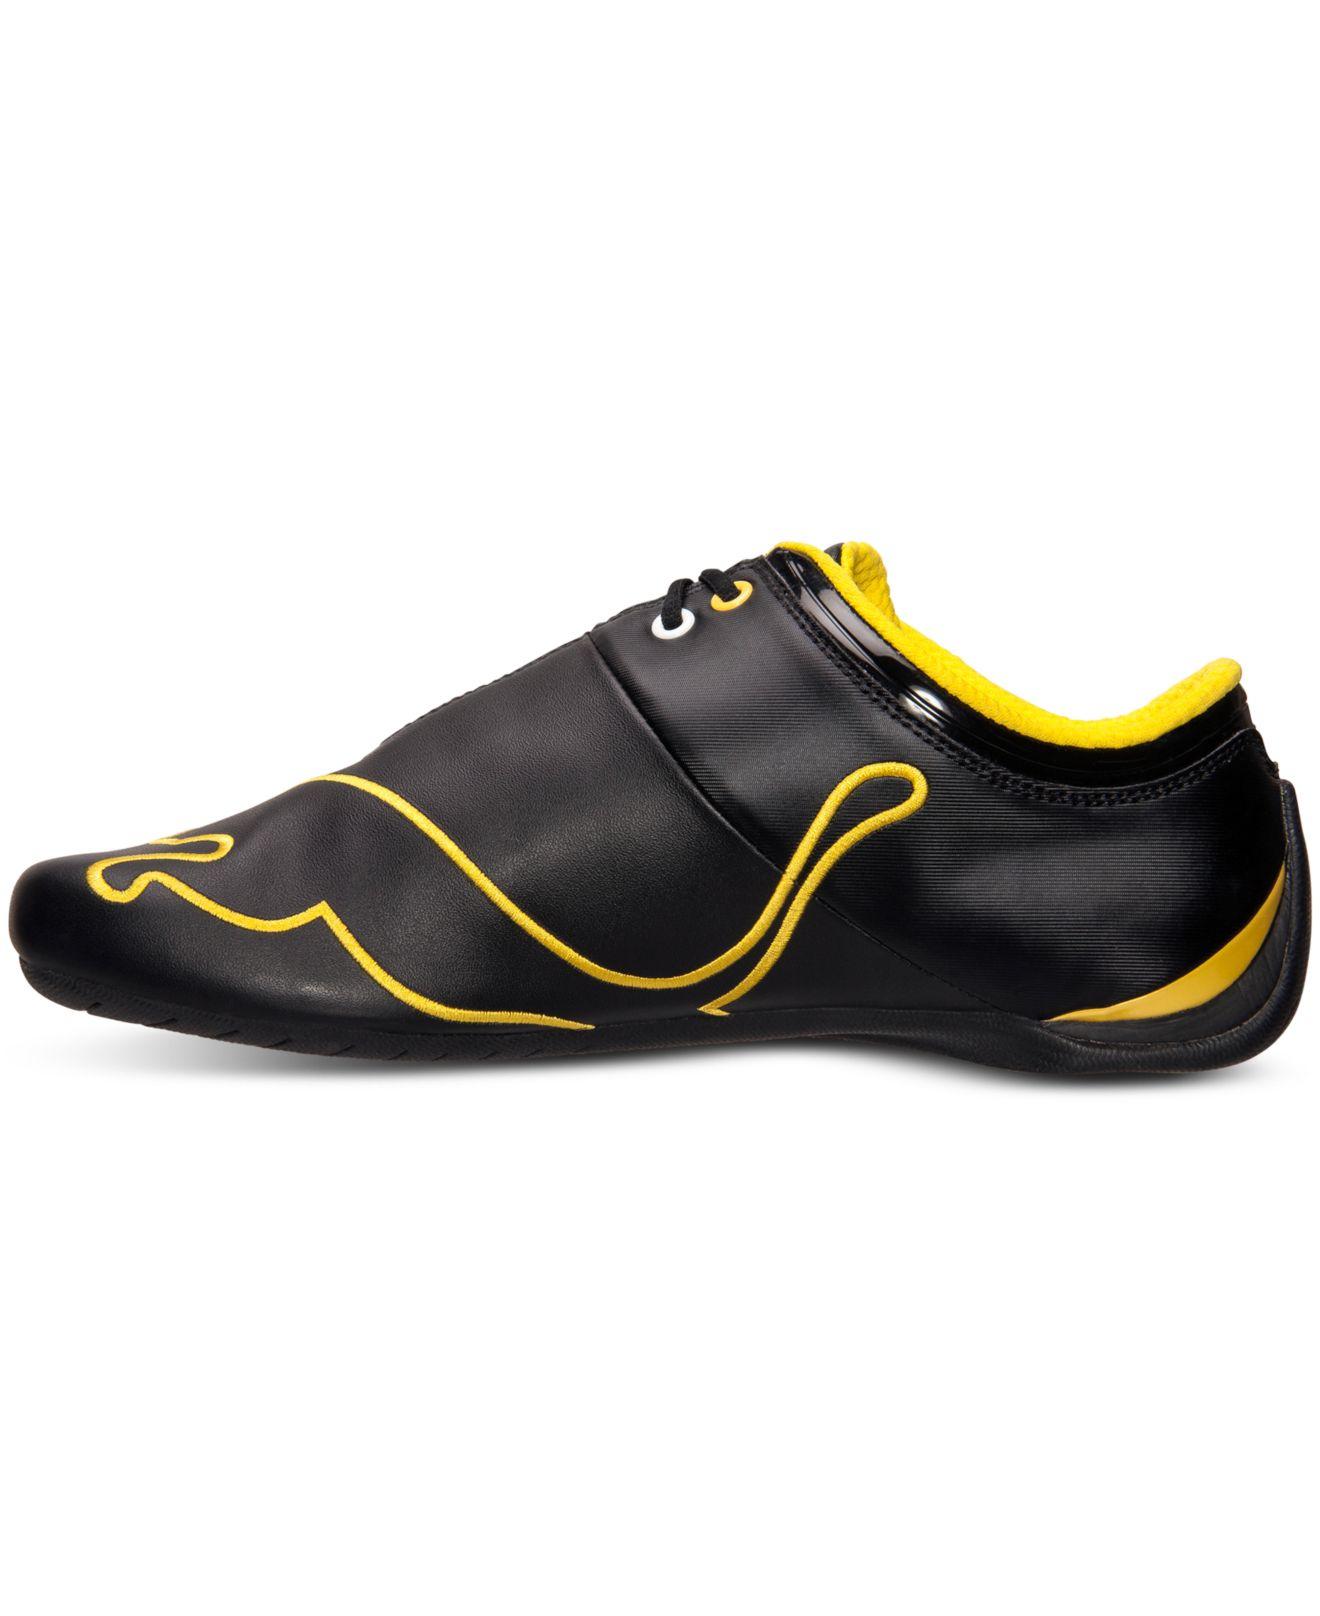 8ac30024a155 Lyst - PUMA Men s Future Cat M1 Sf Ferrari Casual Sneakers From ...